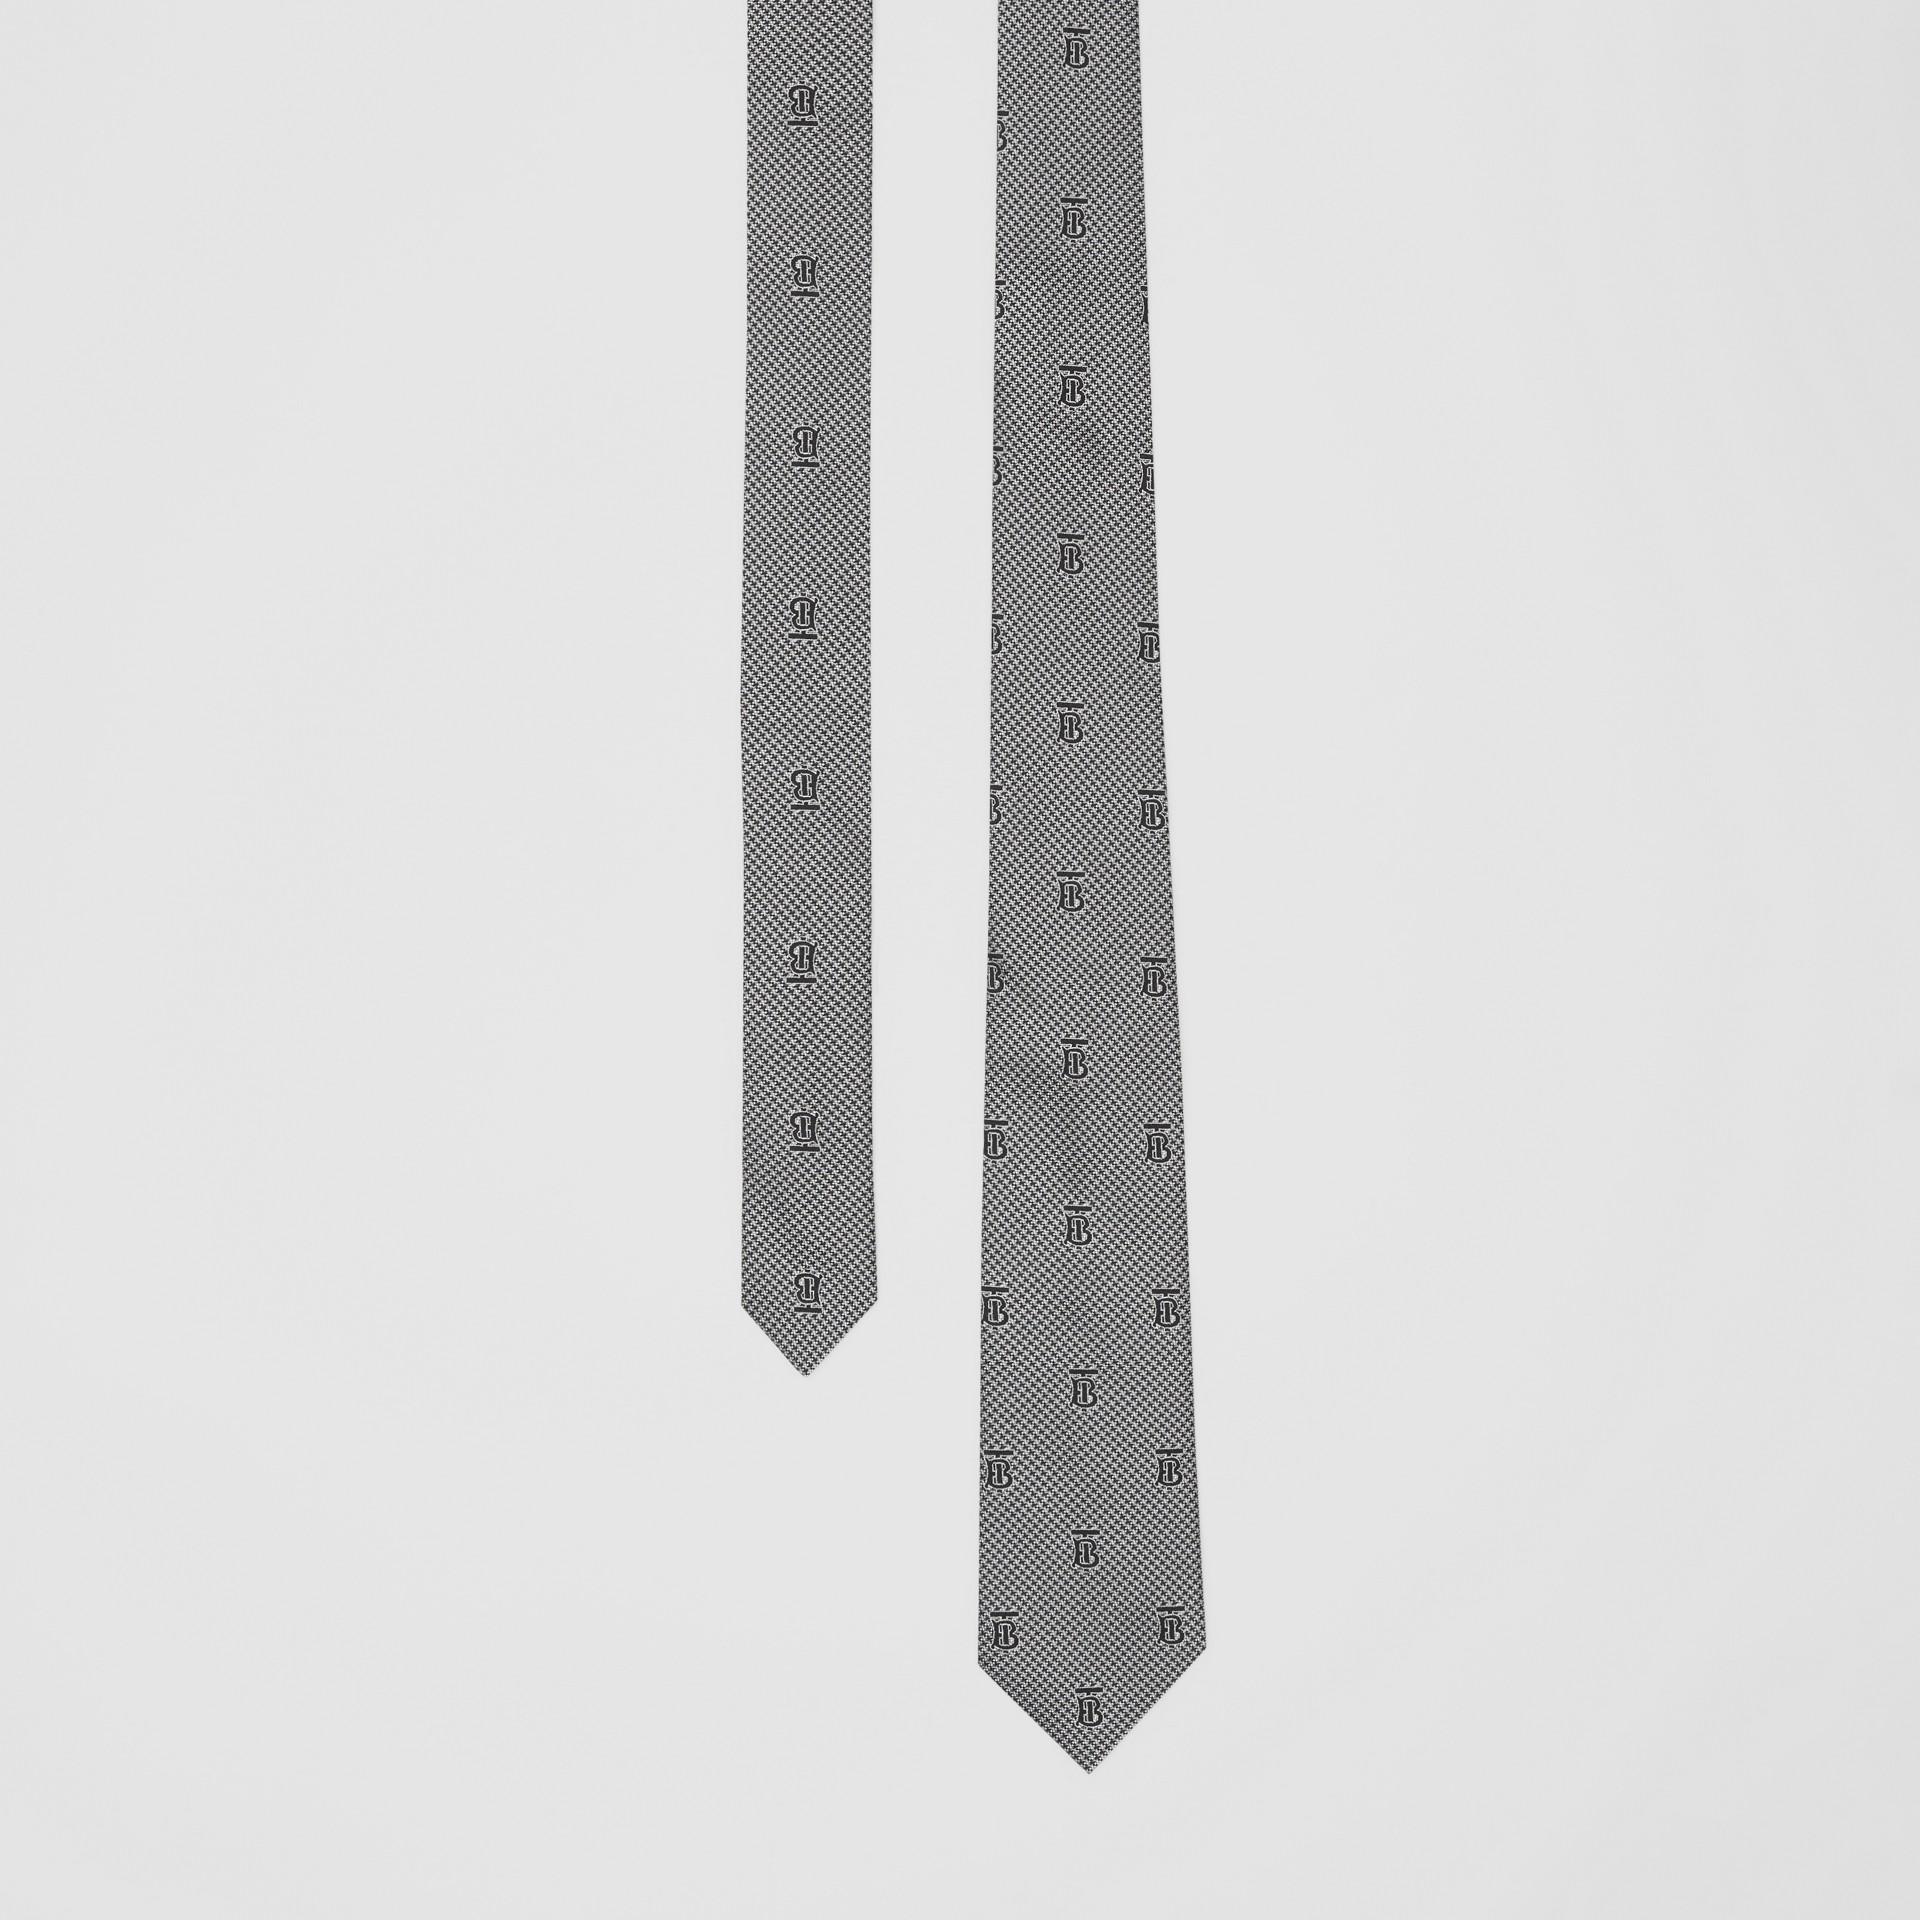 クラシックカット パピートゥースチェック シルクタイ (パールグレー) - メンズ | バーバリー - ギャラリーイメージ 0